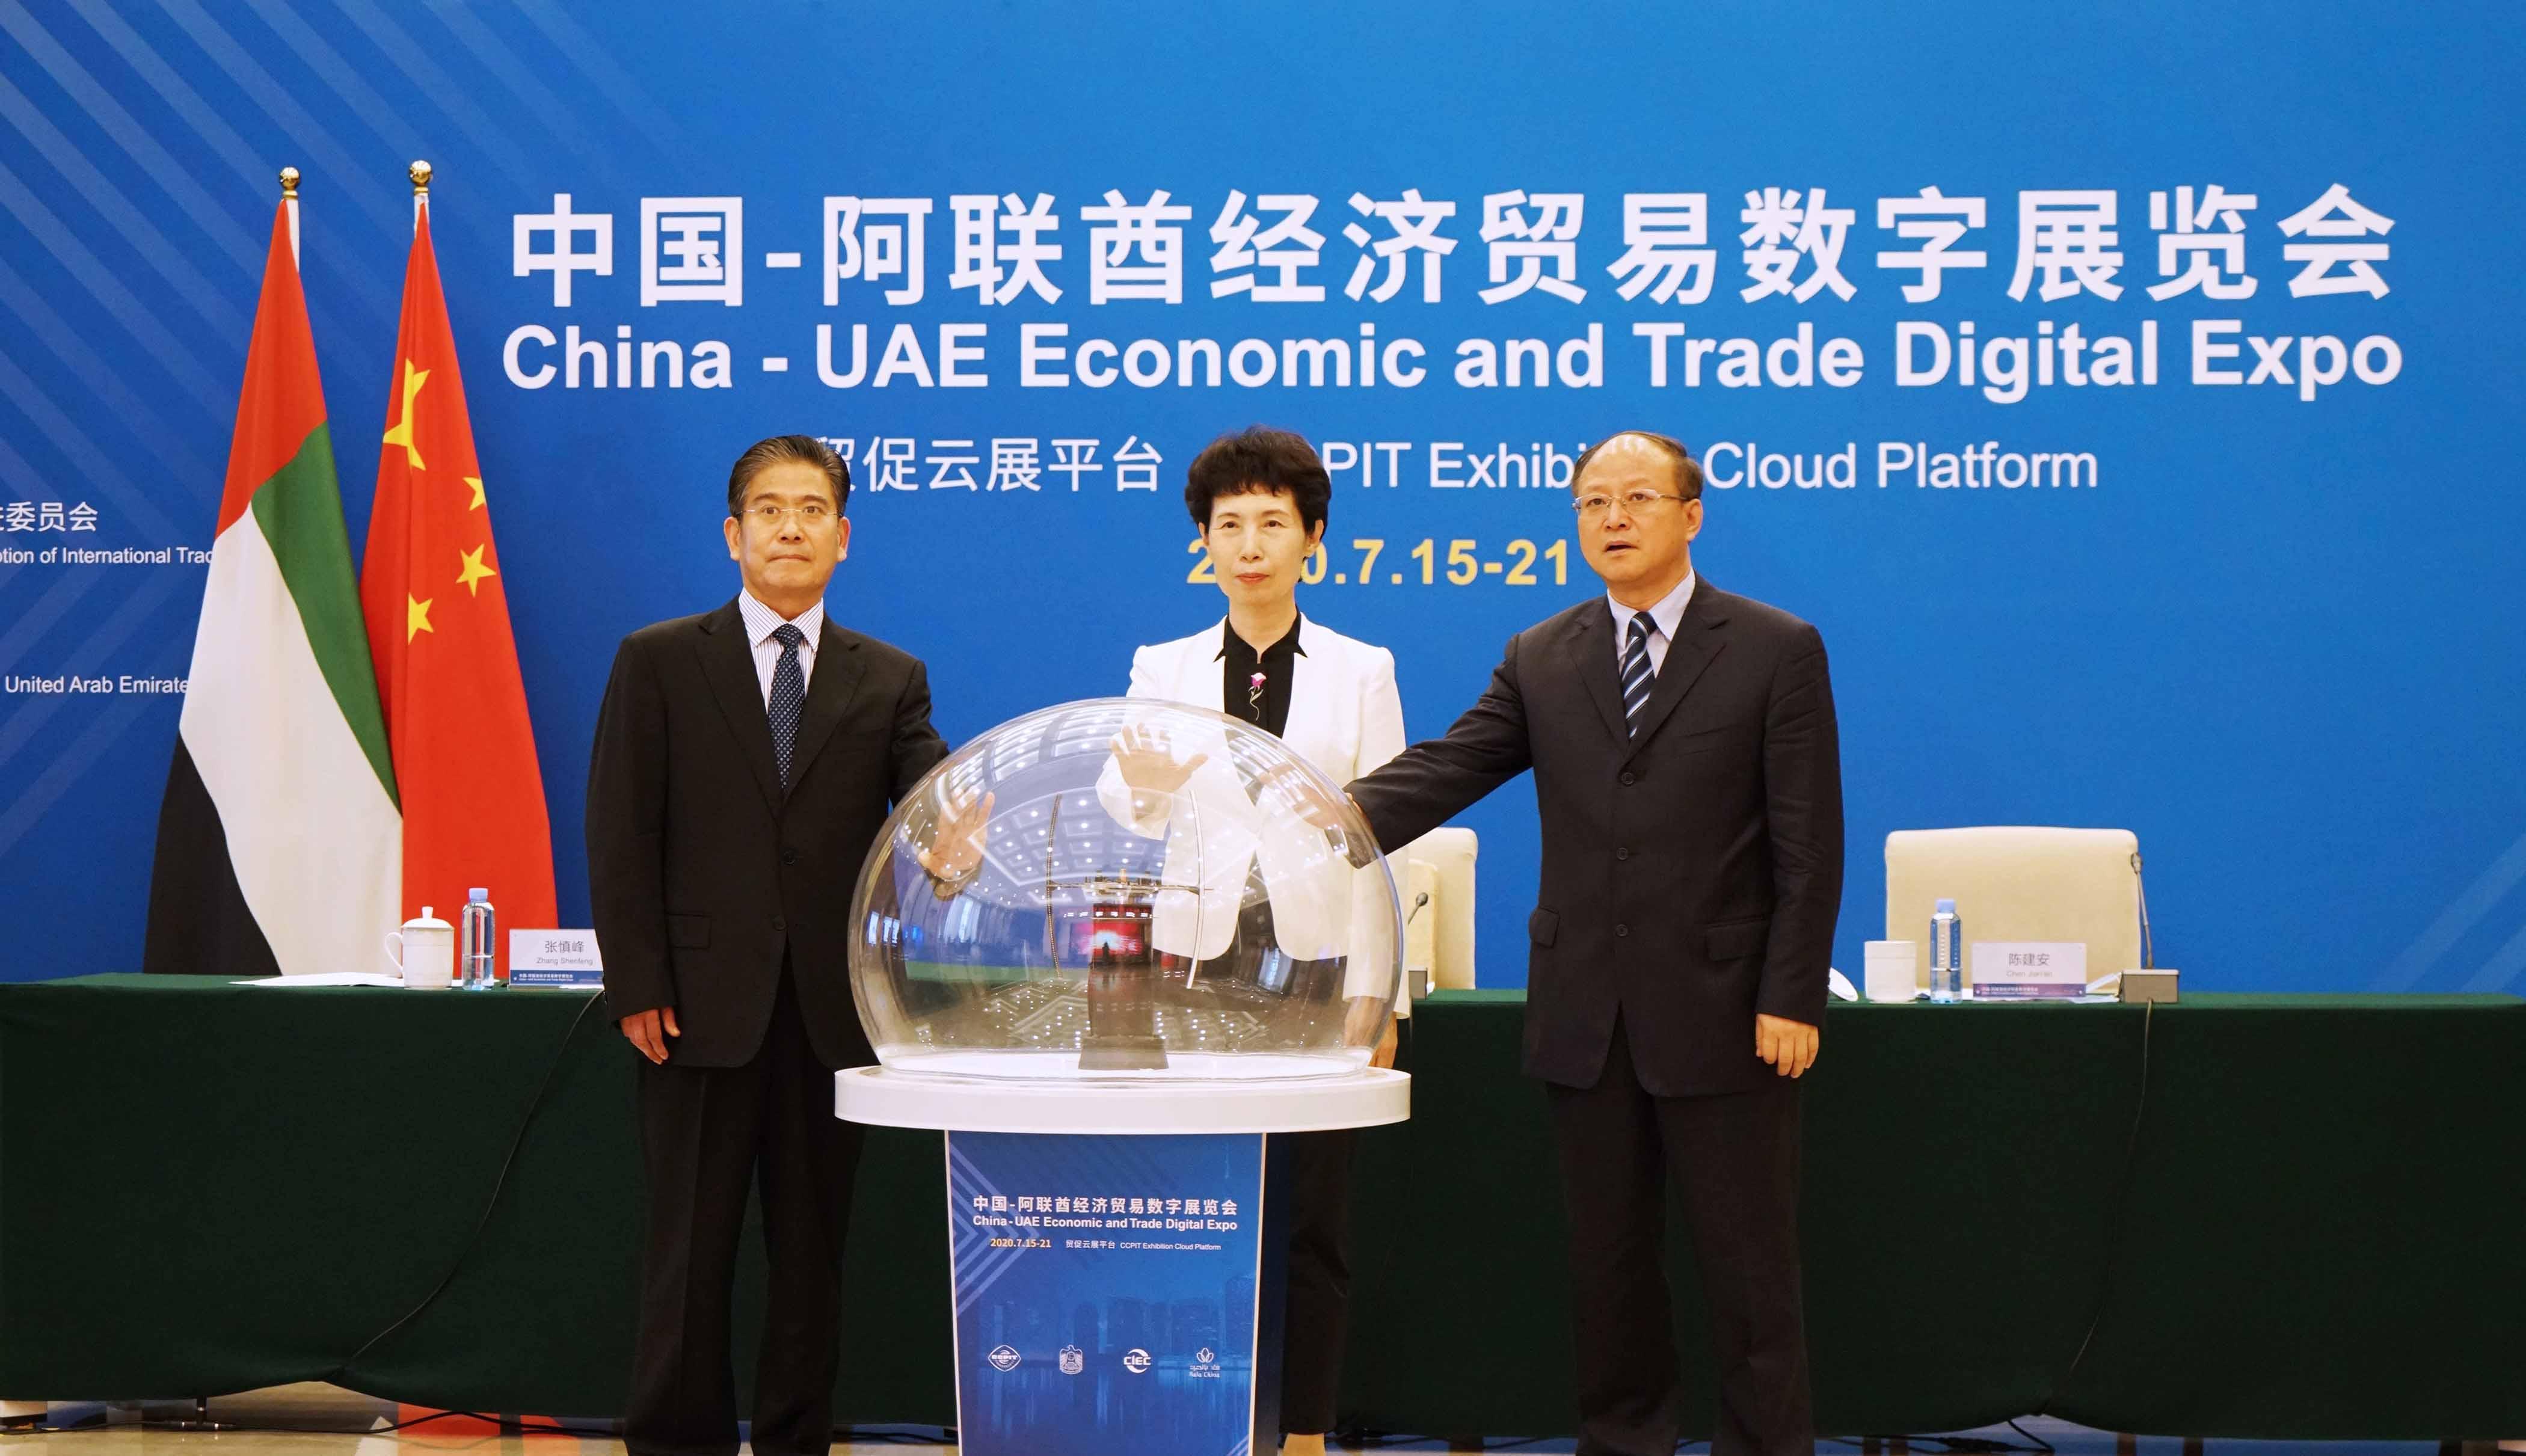 الإمارات والصين تدعمان التجارة الثنائية و تعززان التعاون في سياق تحولهما نحو الإقتصاد الرقمي